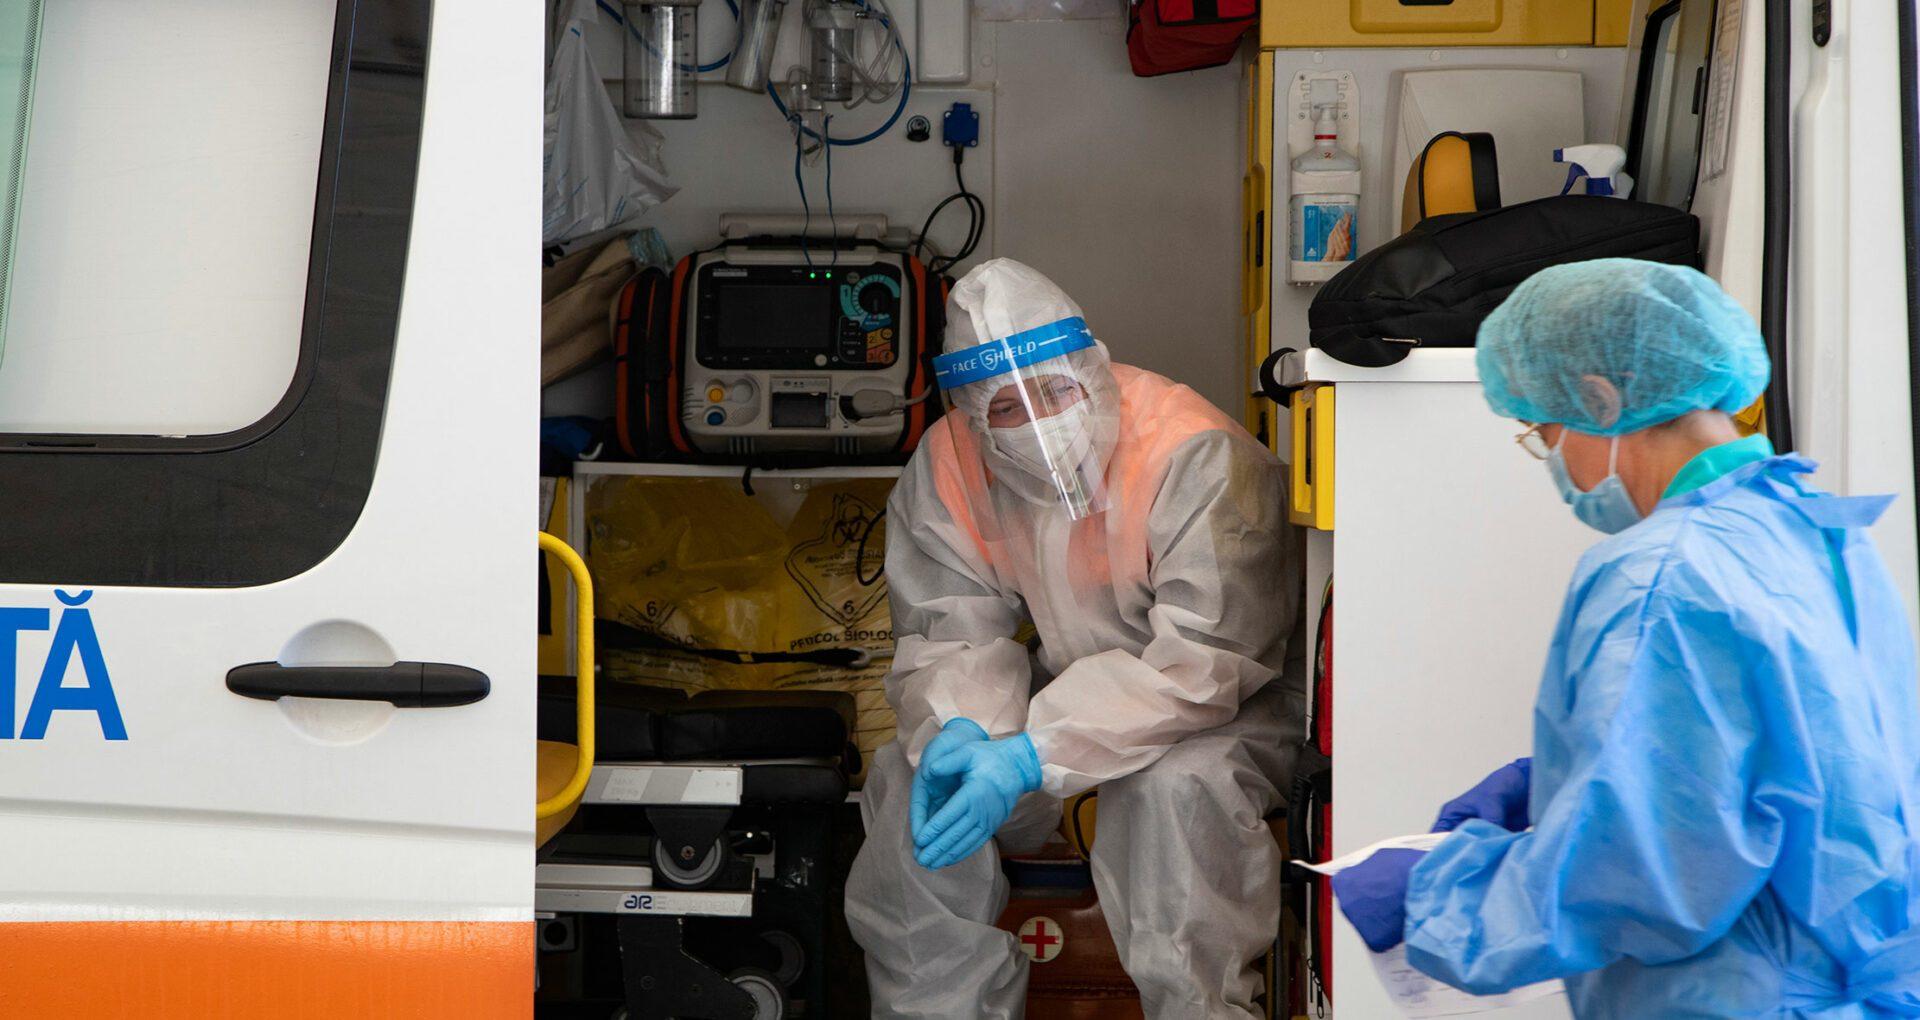 Patru decese și 60 de cazuri noi de îmbolnăvire cu COVID-19, înregistrate în ultimele 24 de ore